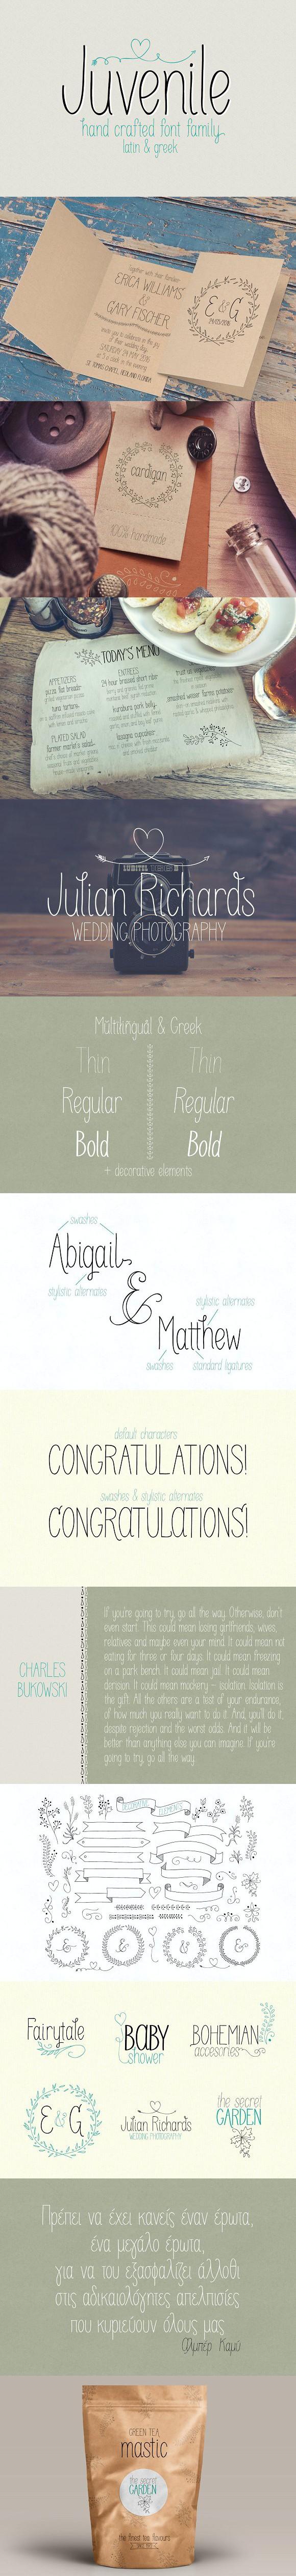 Juvenile  Romantic Fonts   Greek Fonts   Script fonts